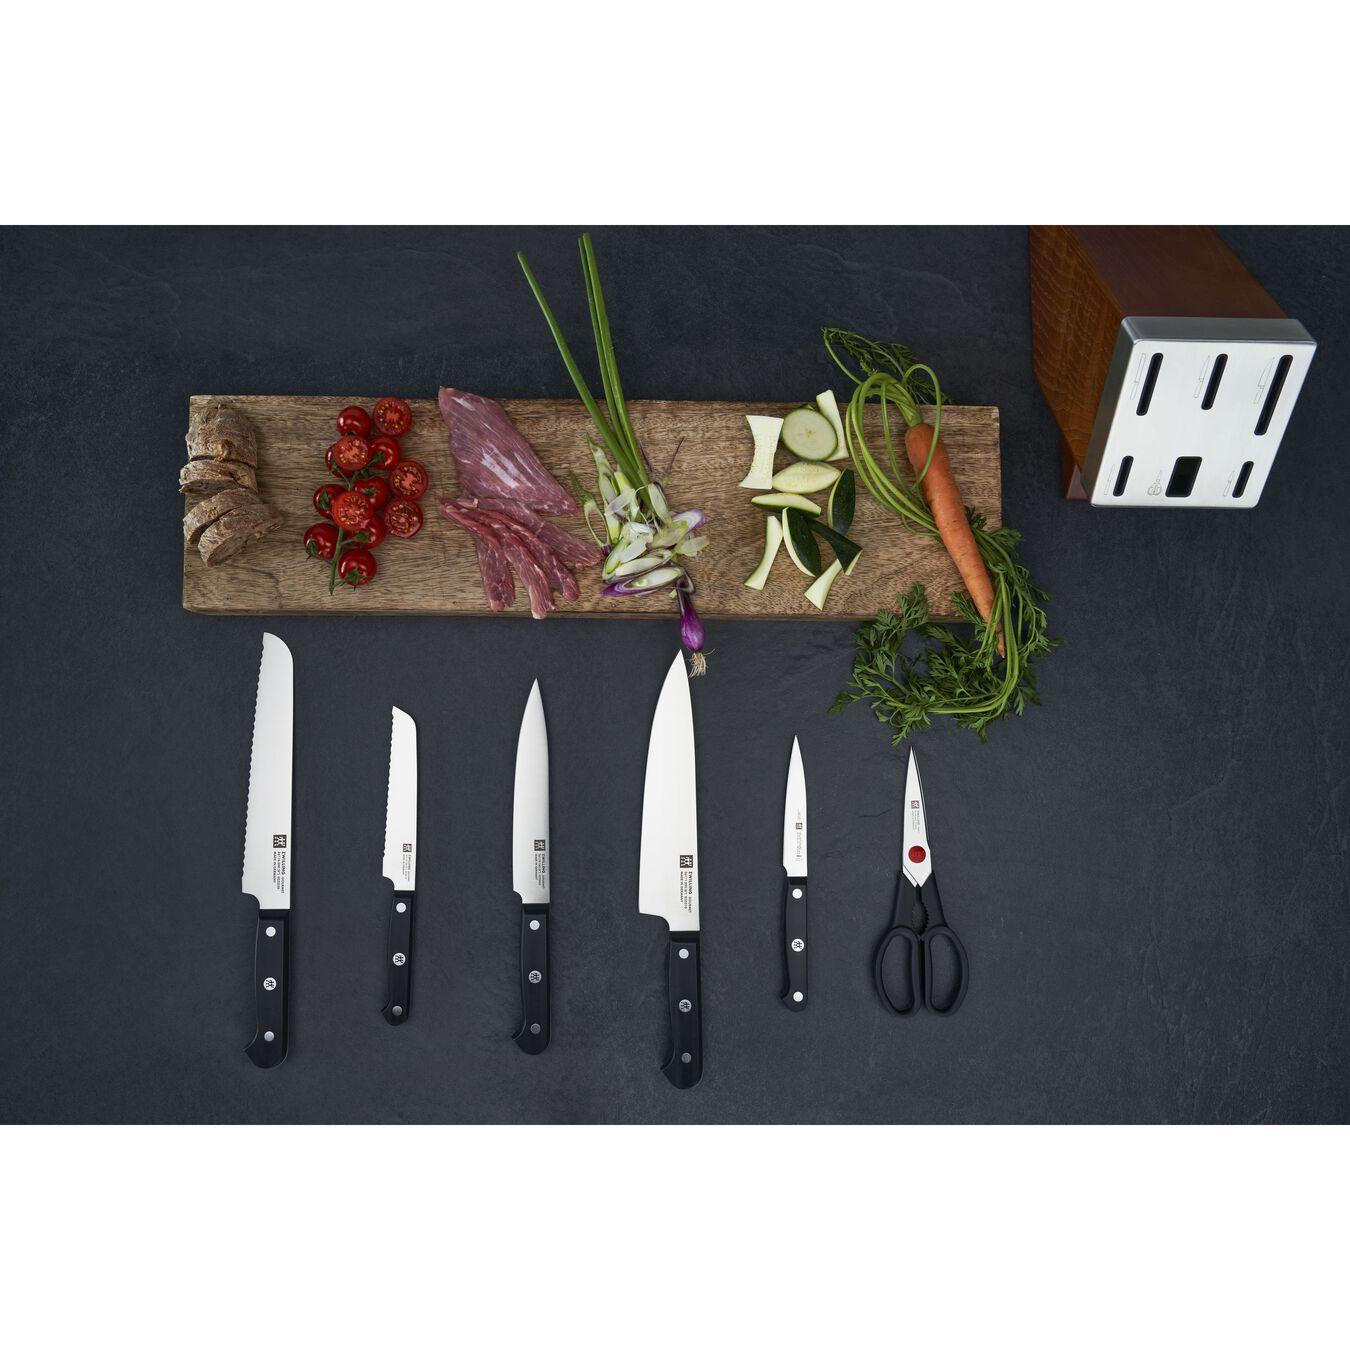 Set di coltelli con ceppo con sistema autoaffilante - 7-pz., nero,,large 4